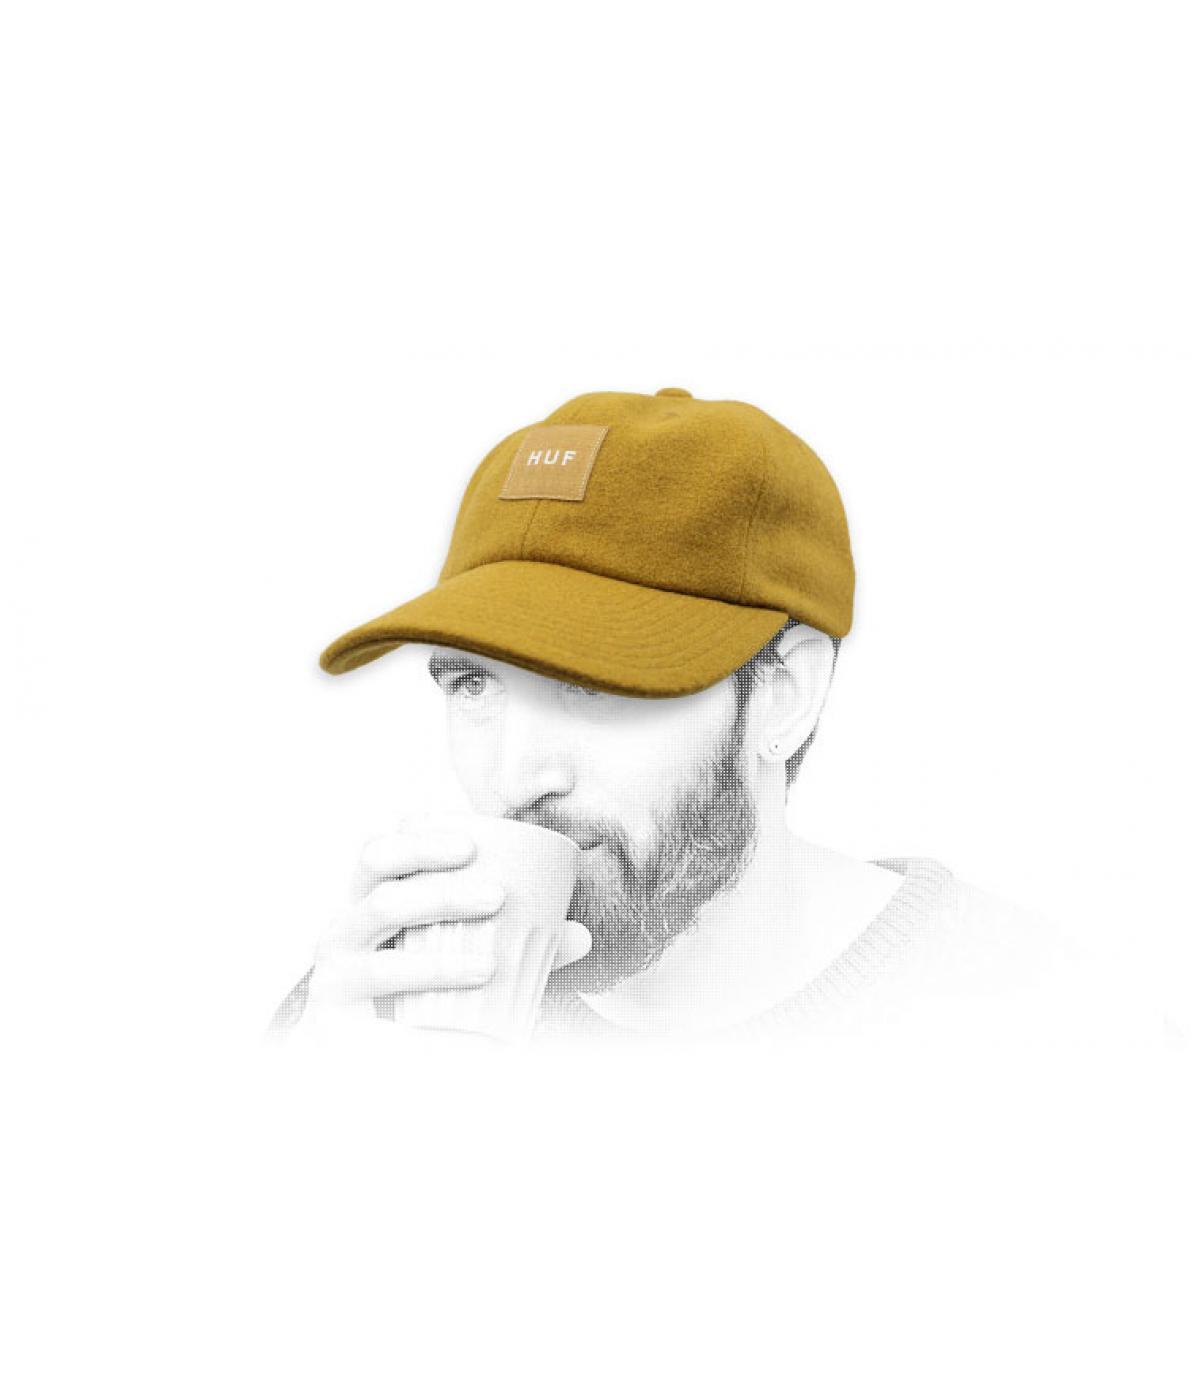 casquette laine Melton Huf jaune